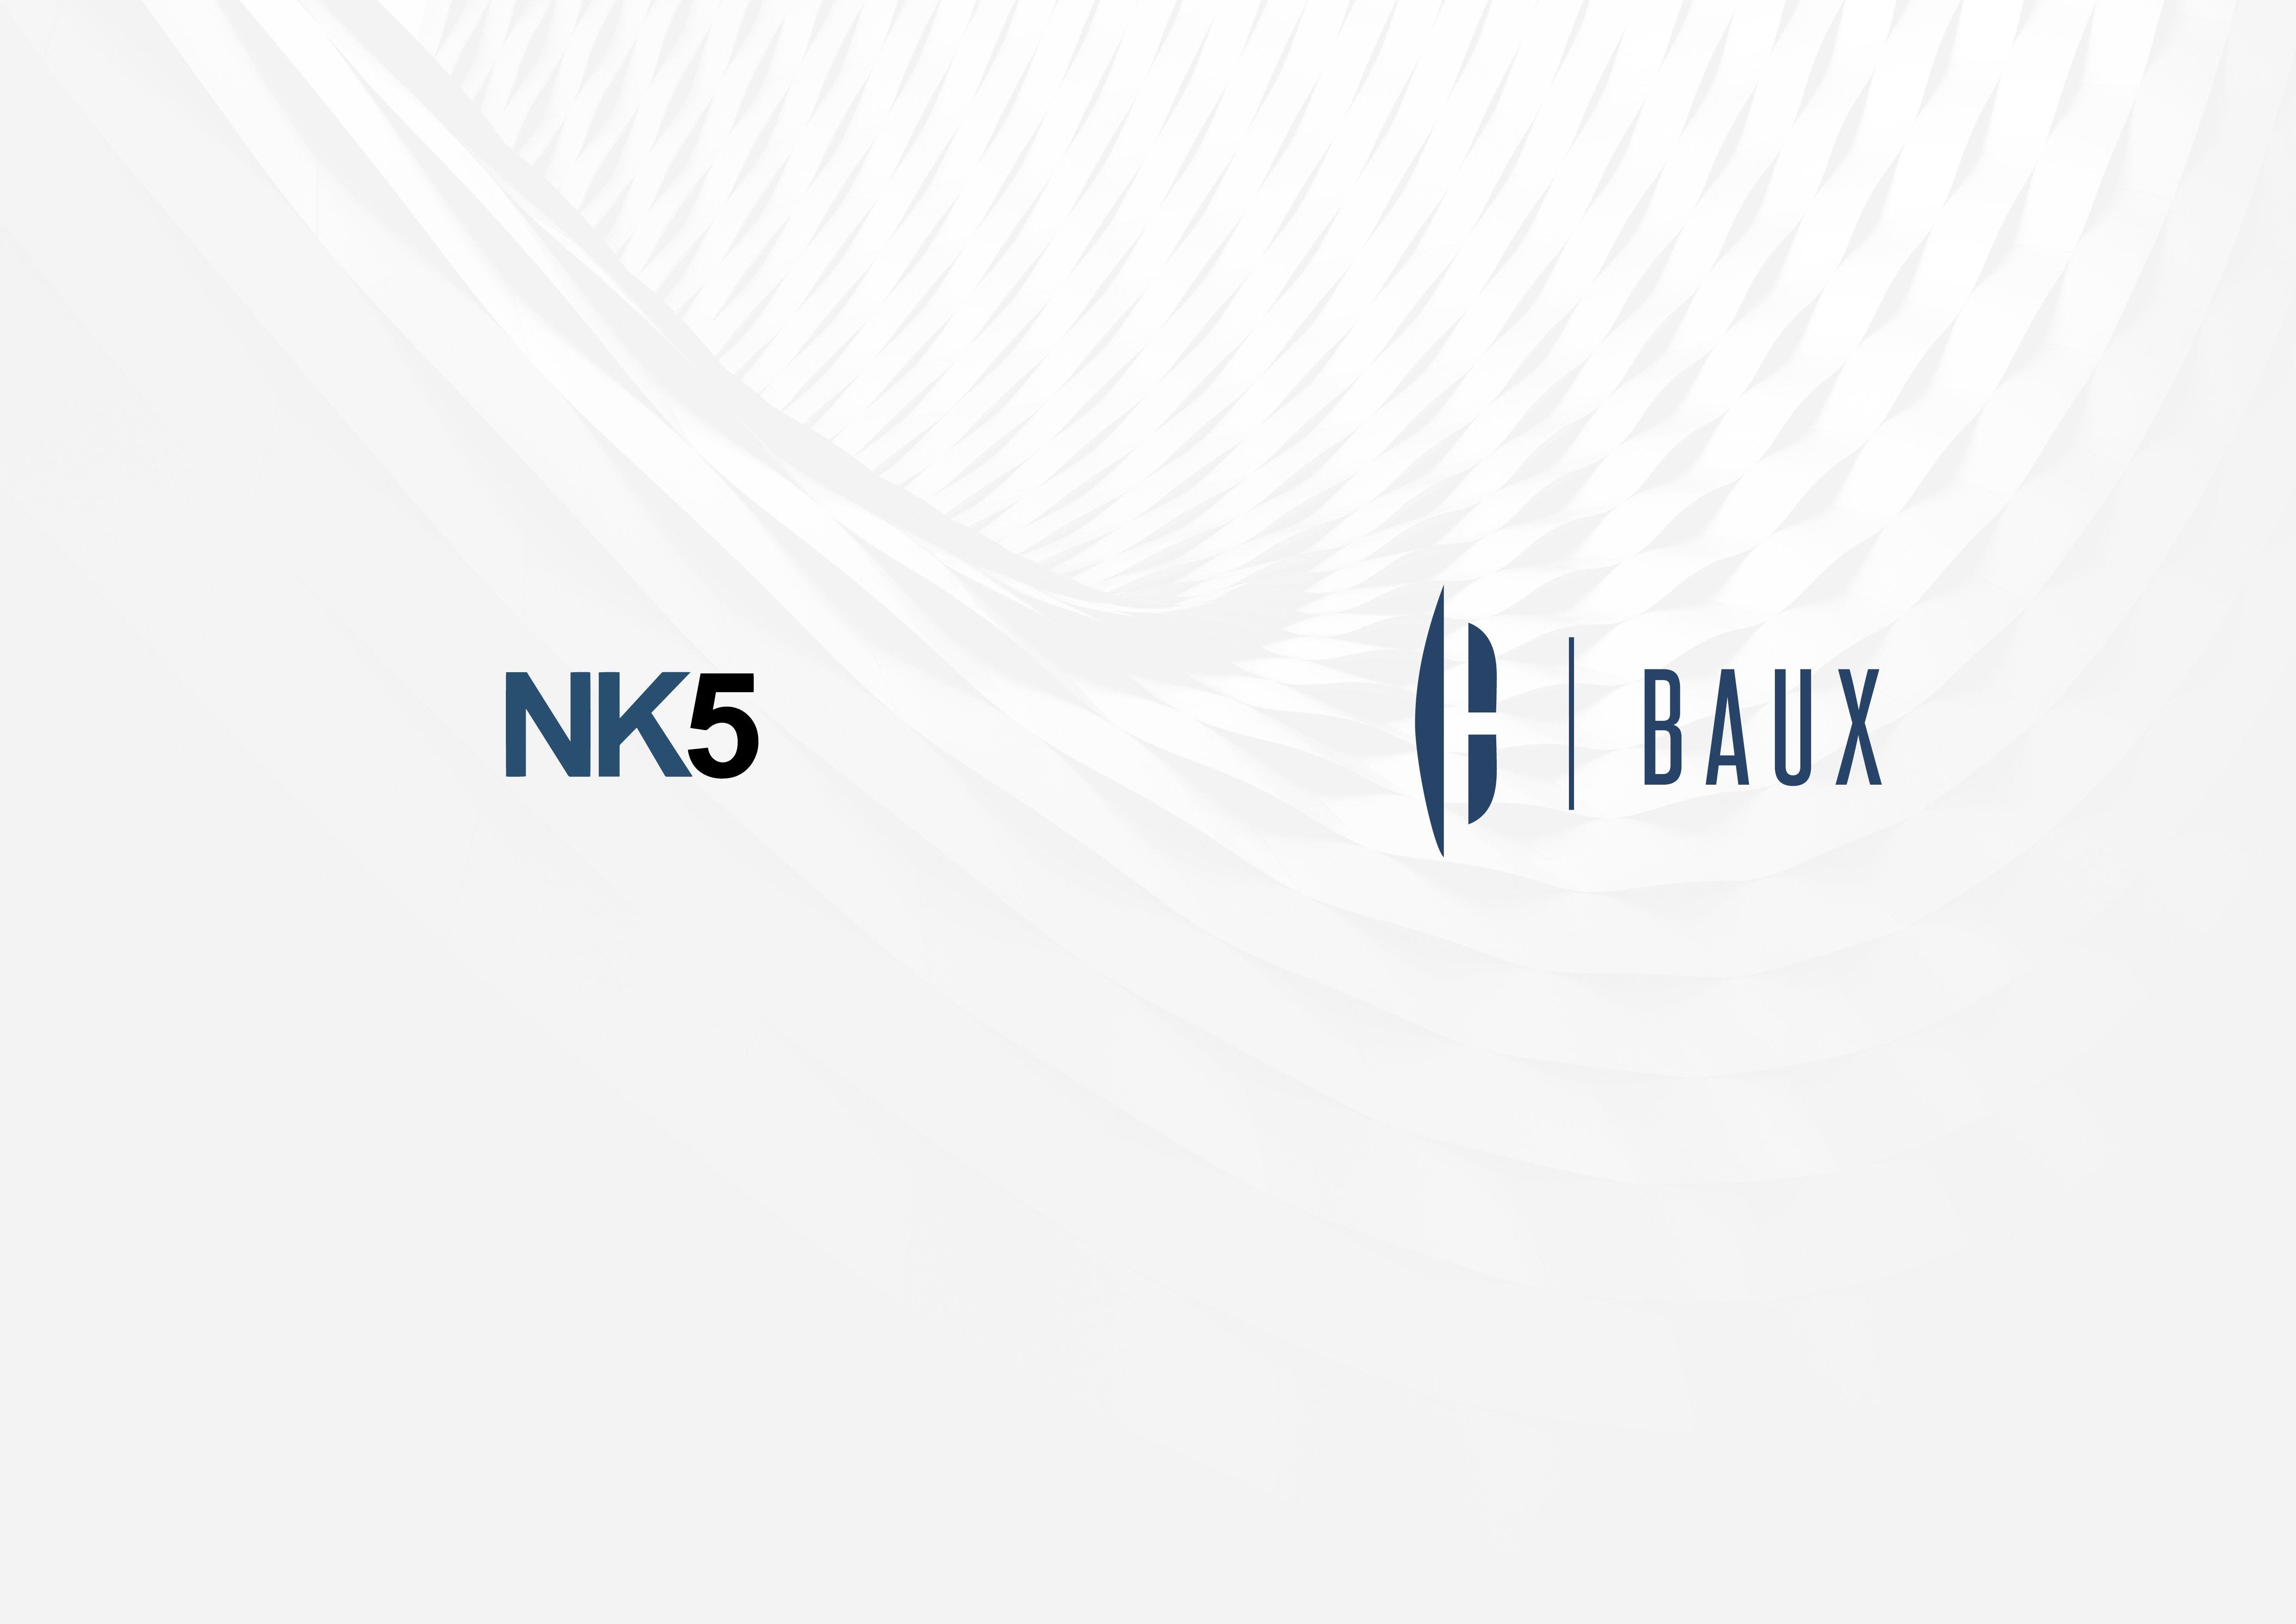 2017 La firma de inversión NK5 adquiere las compañias que conforman el Grupo Baux y su presidente y co-fundador, Juan José Nieto, asume la presidencia del holding. Se inicia así una nueva etapa de la mano de la propiedad comprometidad con el crecimiento y la profesionalización del grupo y con su actual equipo gestor.